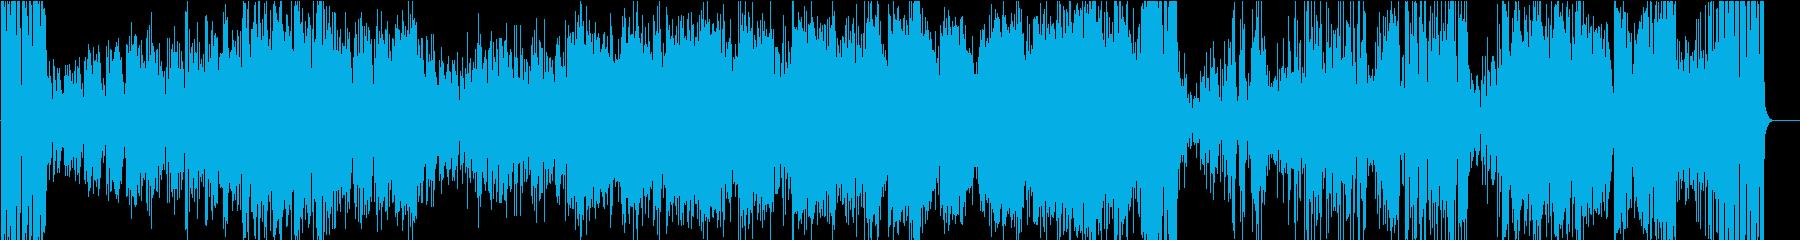 トランペットソロが映える怪しげなジャズの再生済みの波形